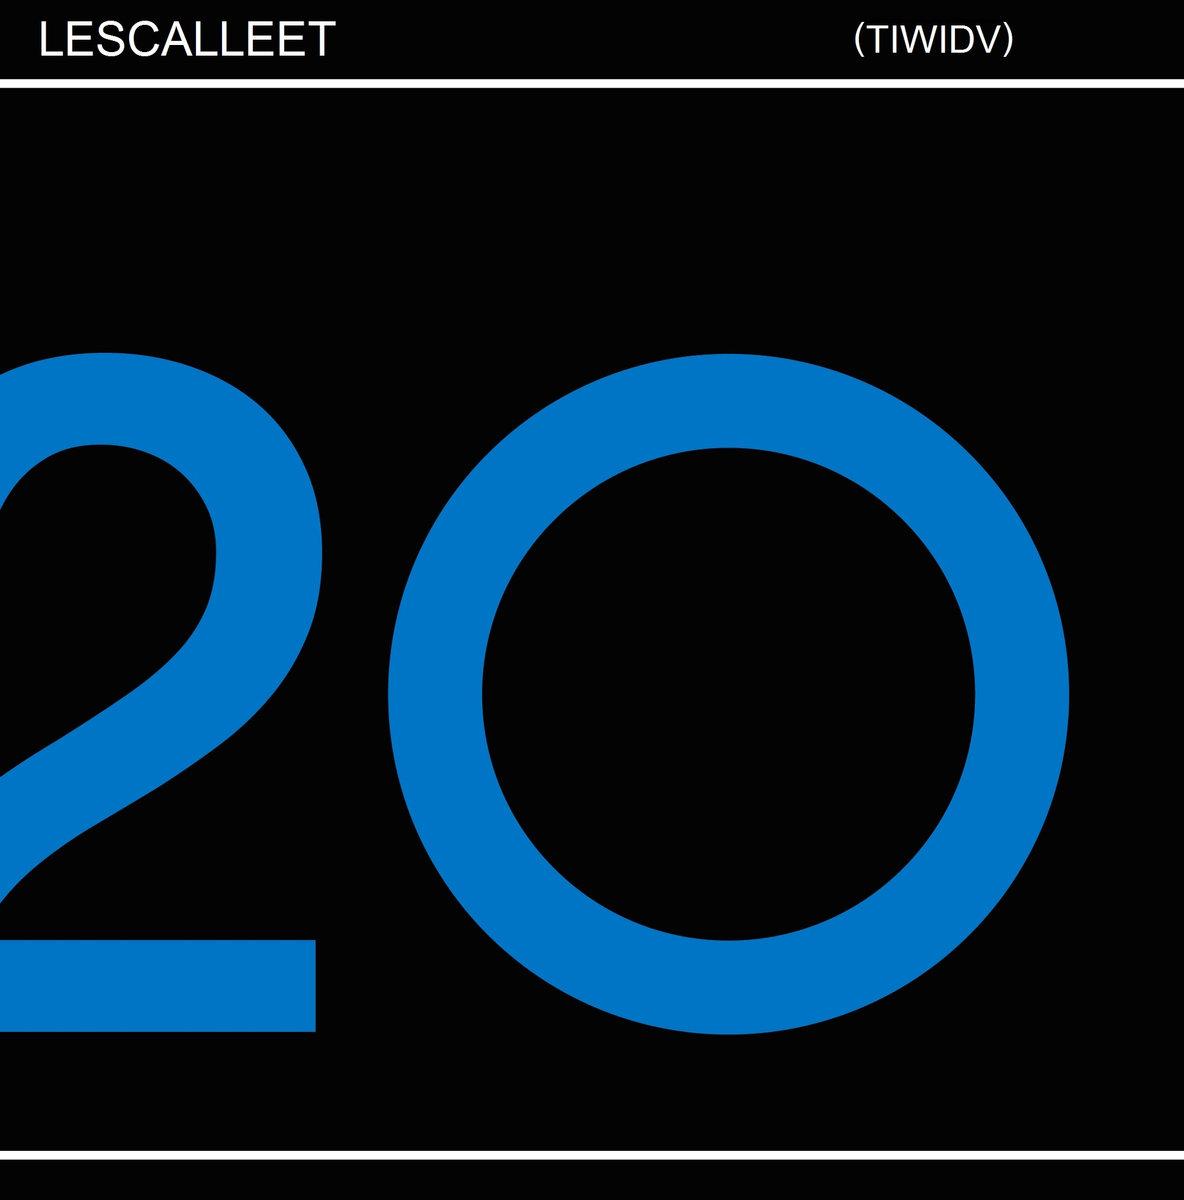 tiwid20